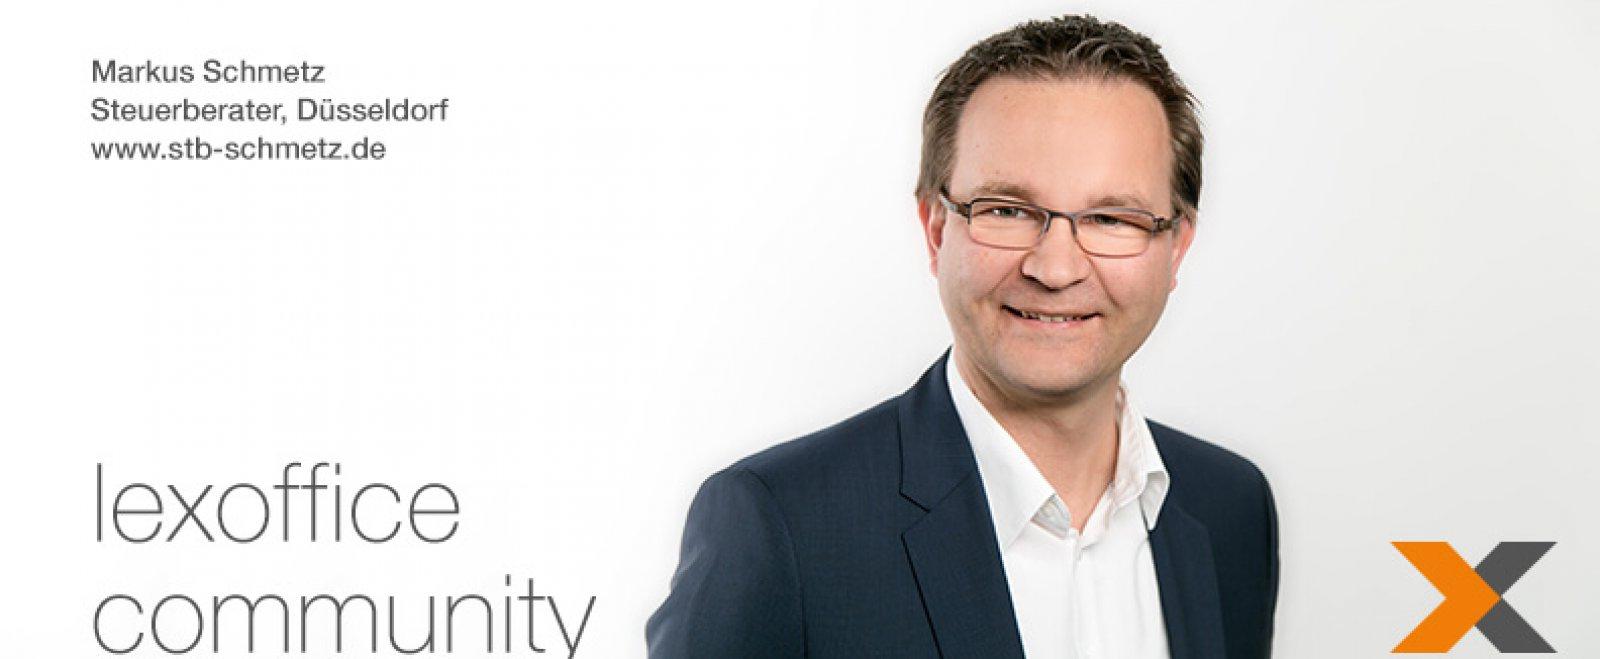 Steuerberater Markus Schmetz aus Düsseldorf im lexoffice Community Interview